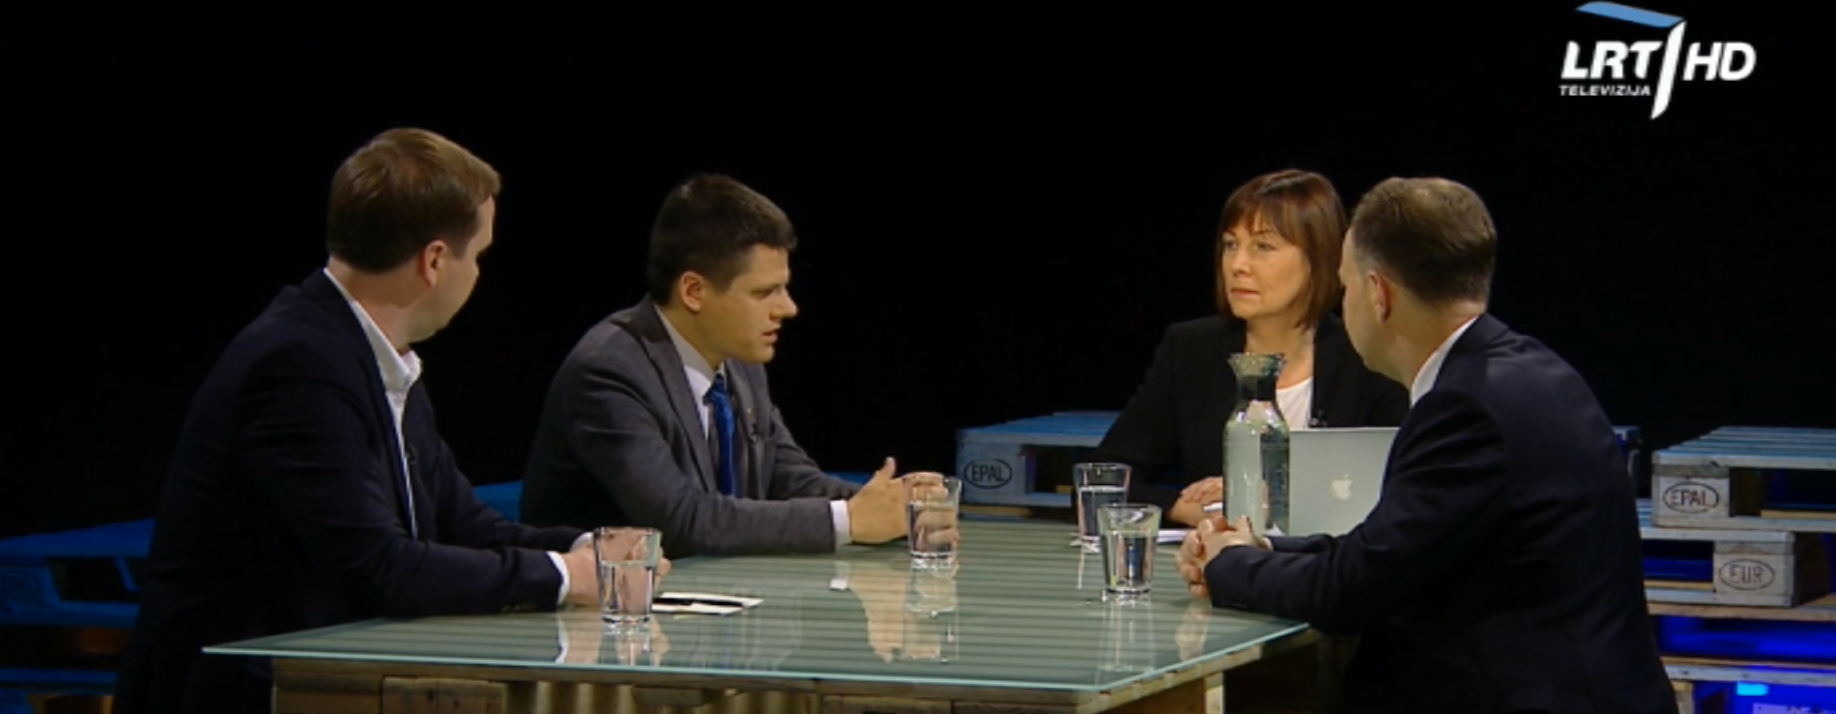 """LRT TV laidoje """"Teisė žinoti"""" – diskusija apie sveikatos apsaugos efektyvumą"""